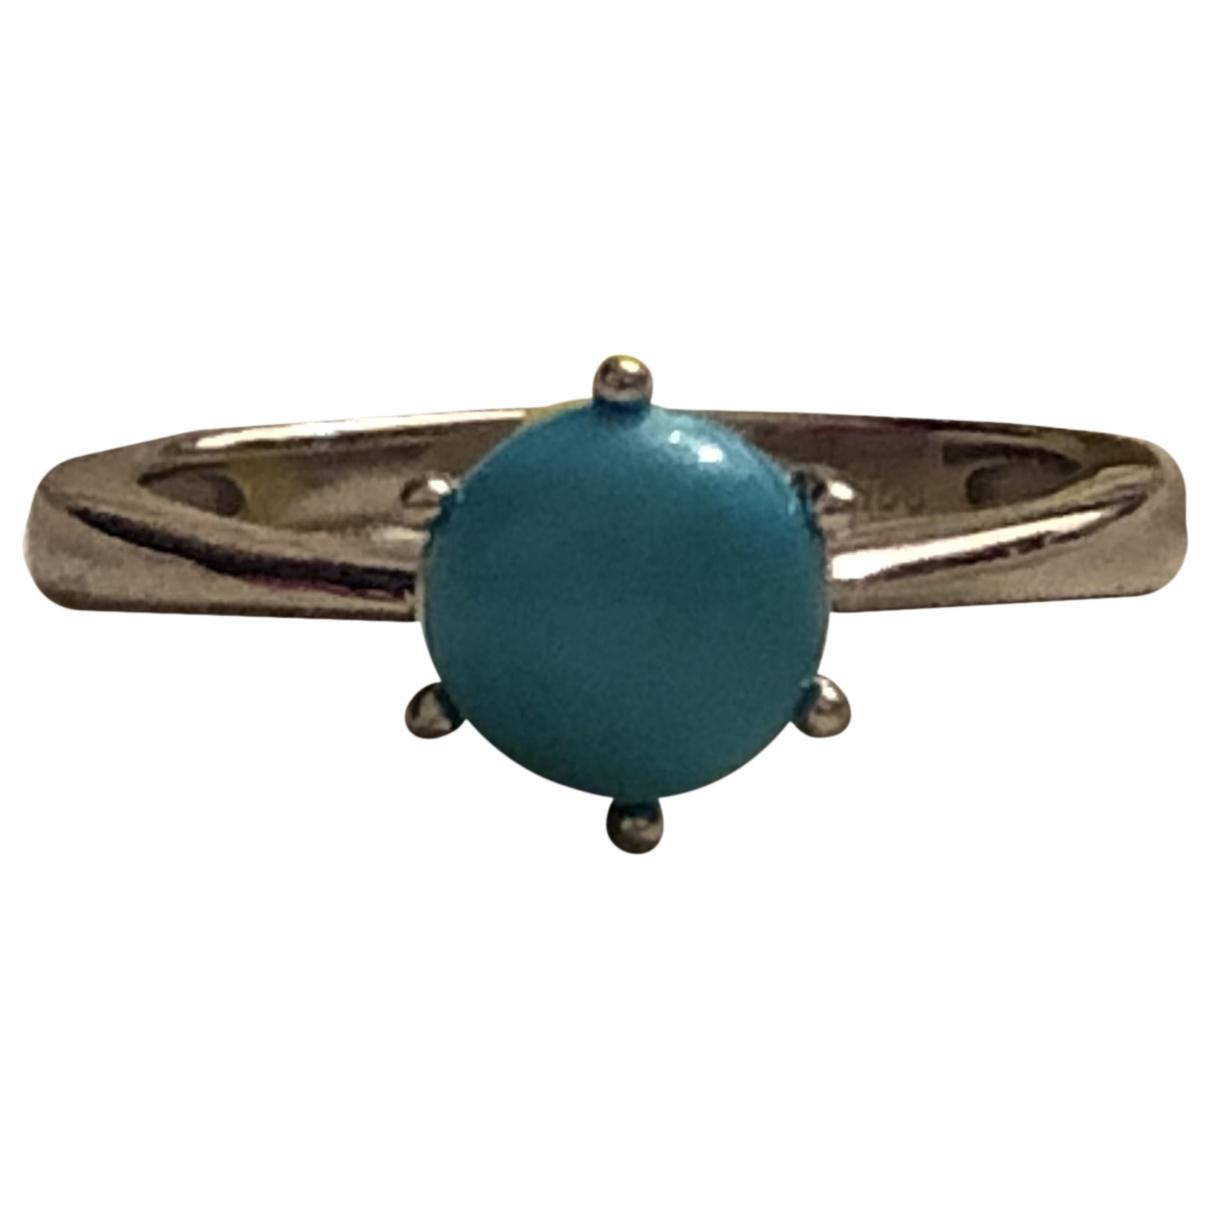 Anillo Turquoises de Bermellon Non Signe / Unsigned